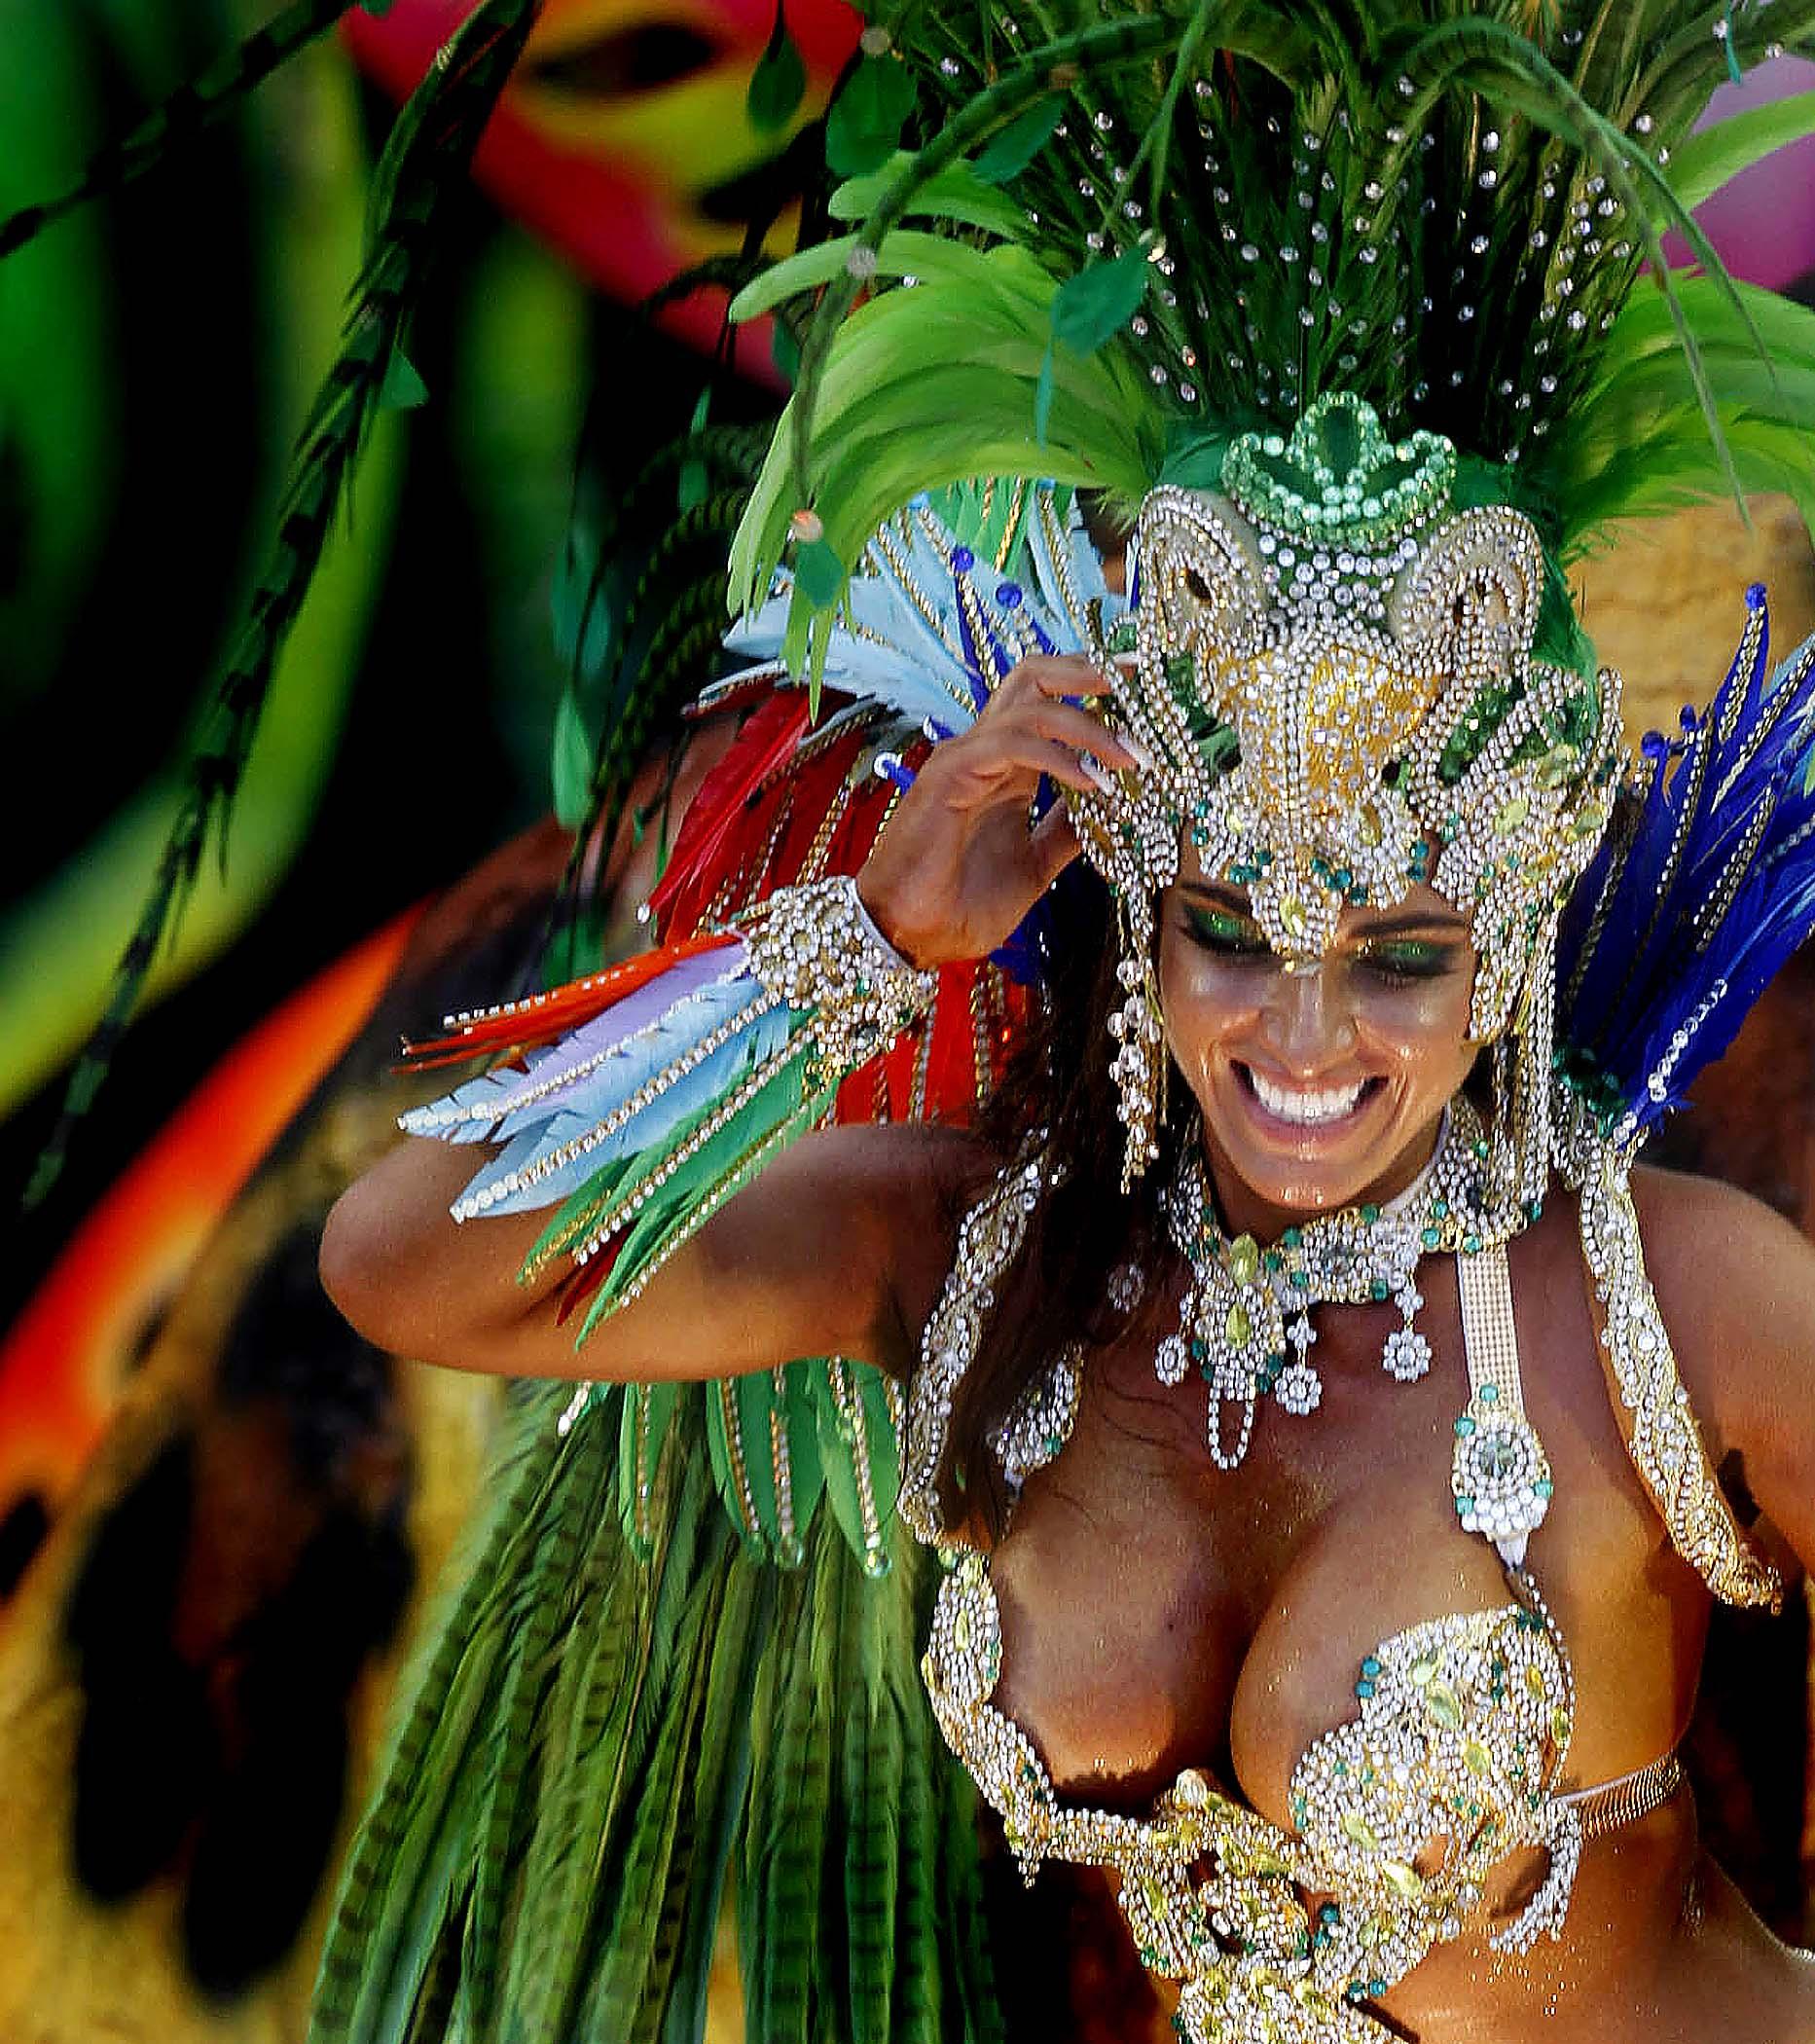 L'histoire du Carnaval au Brésil